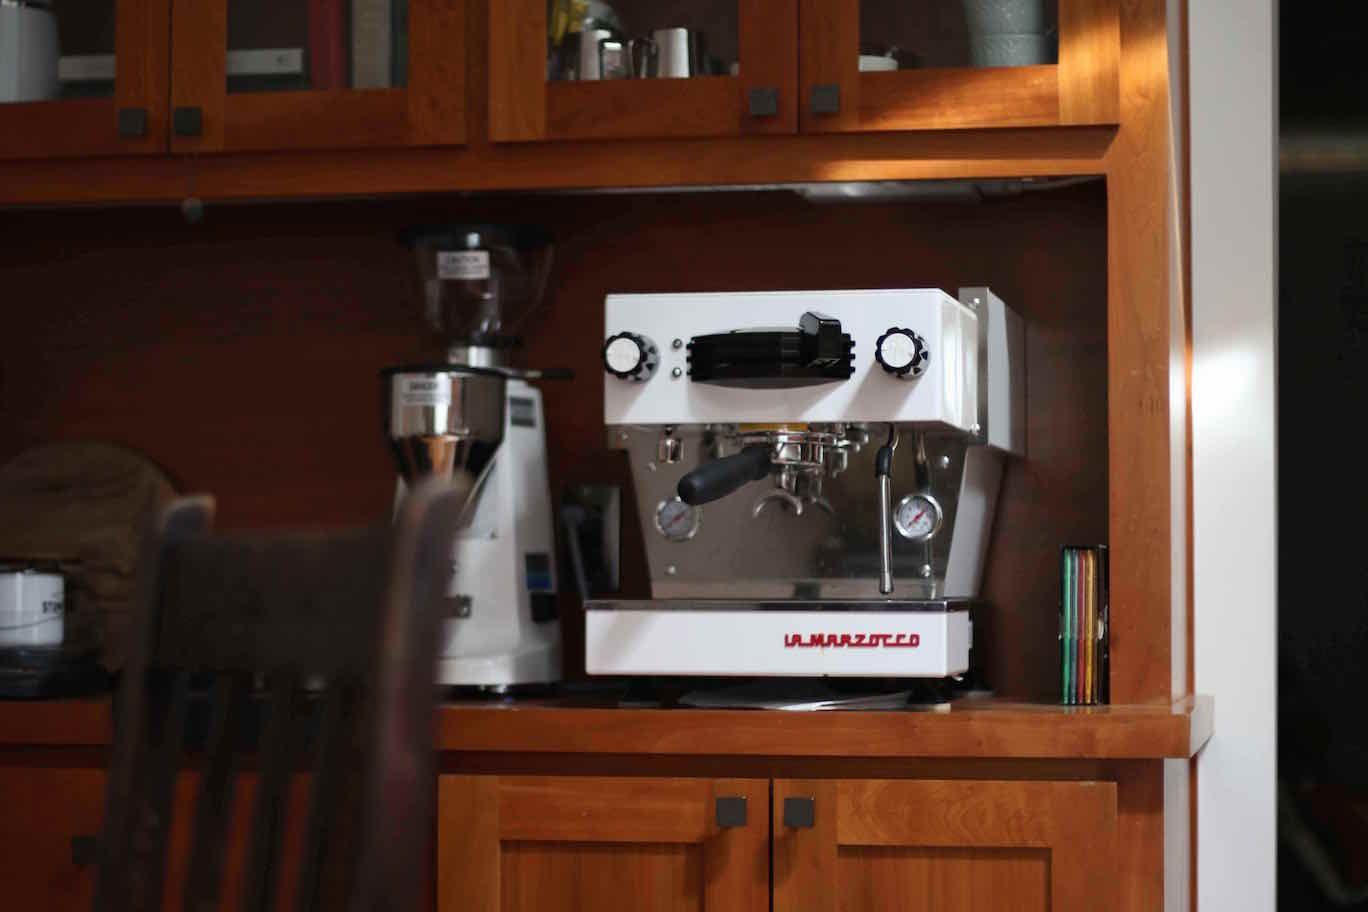 Linea Mini in White in a Dining Room Hutch #home #espresso ...